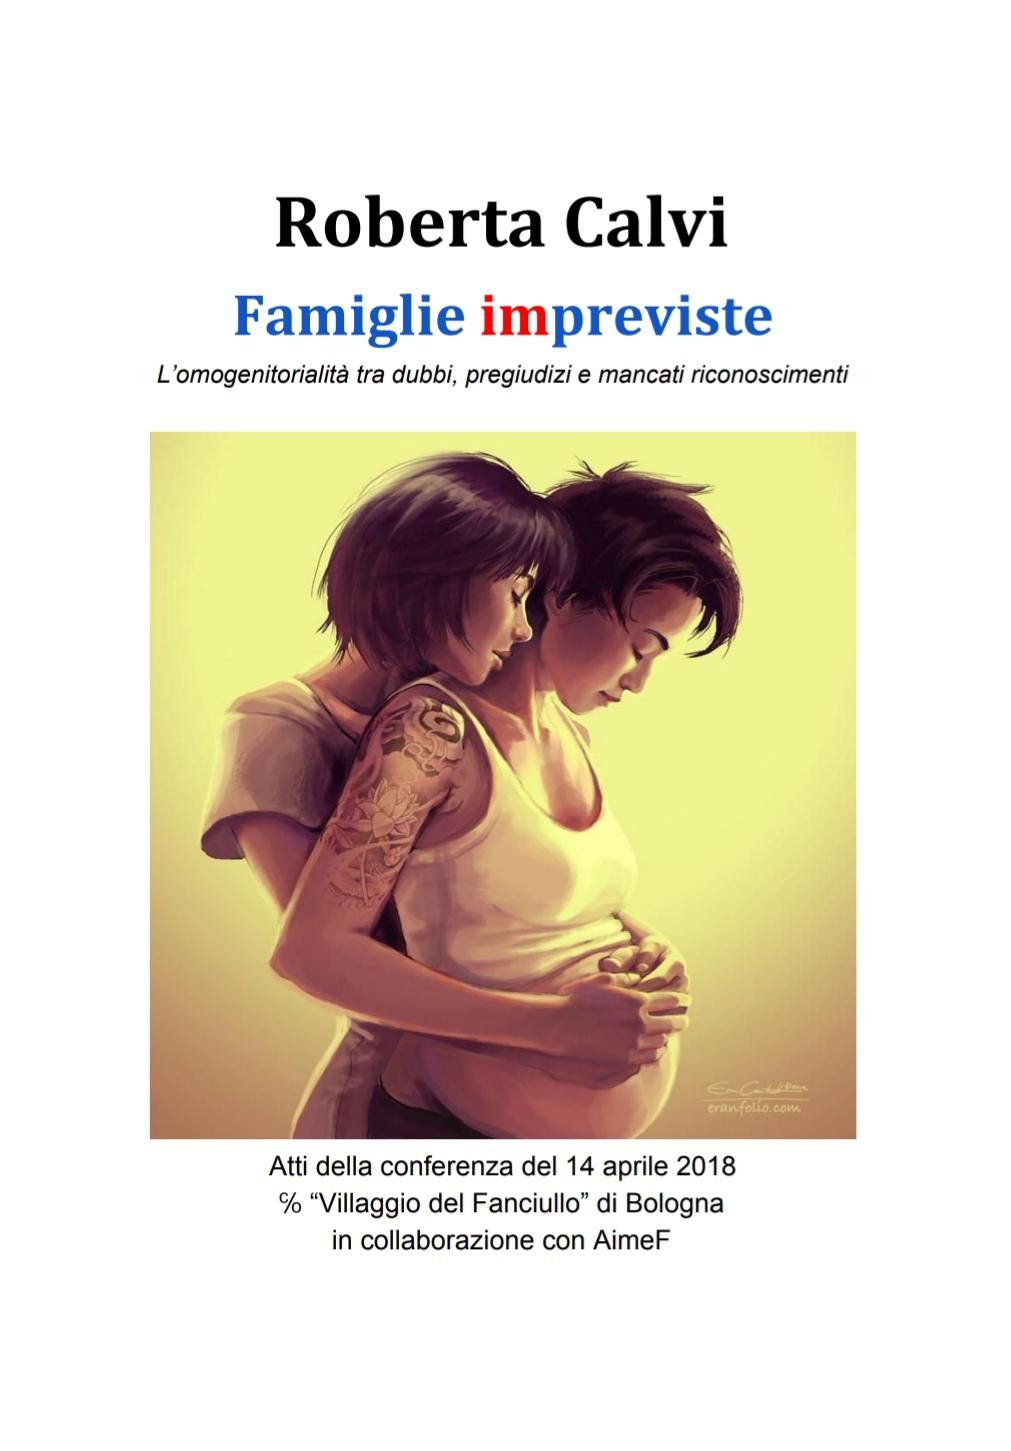 Famiglie impreviste Image